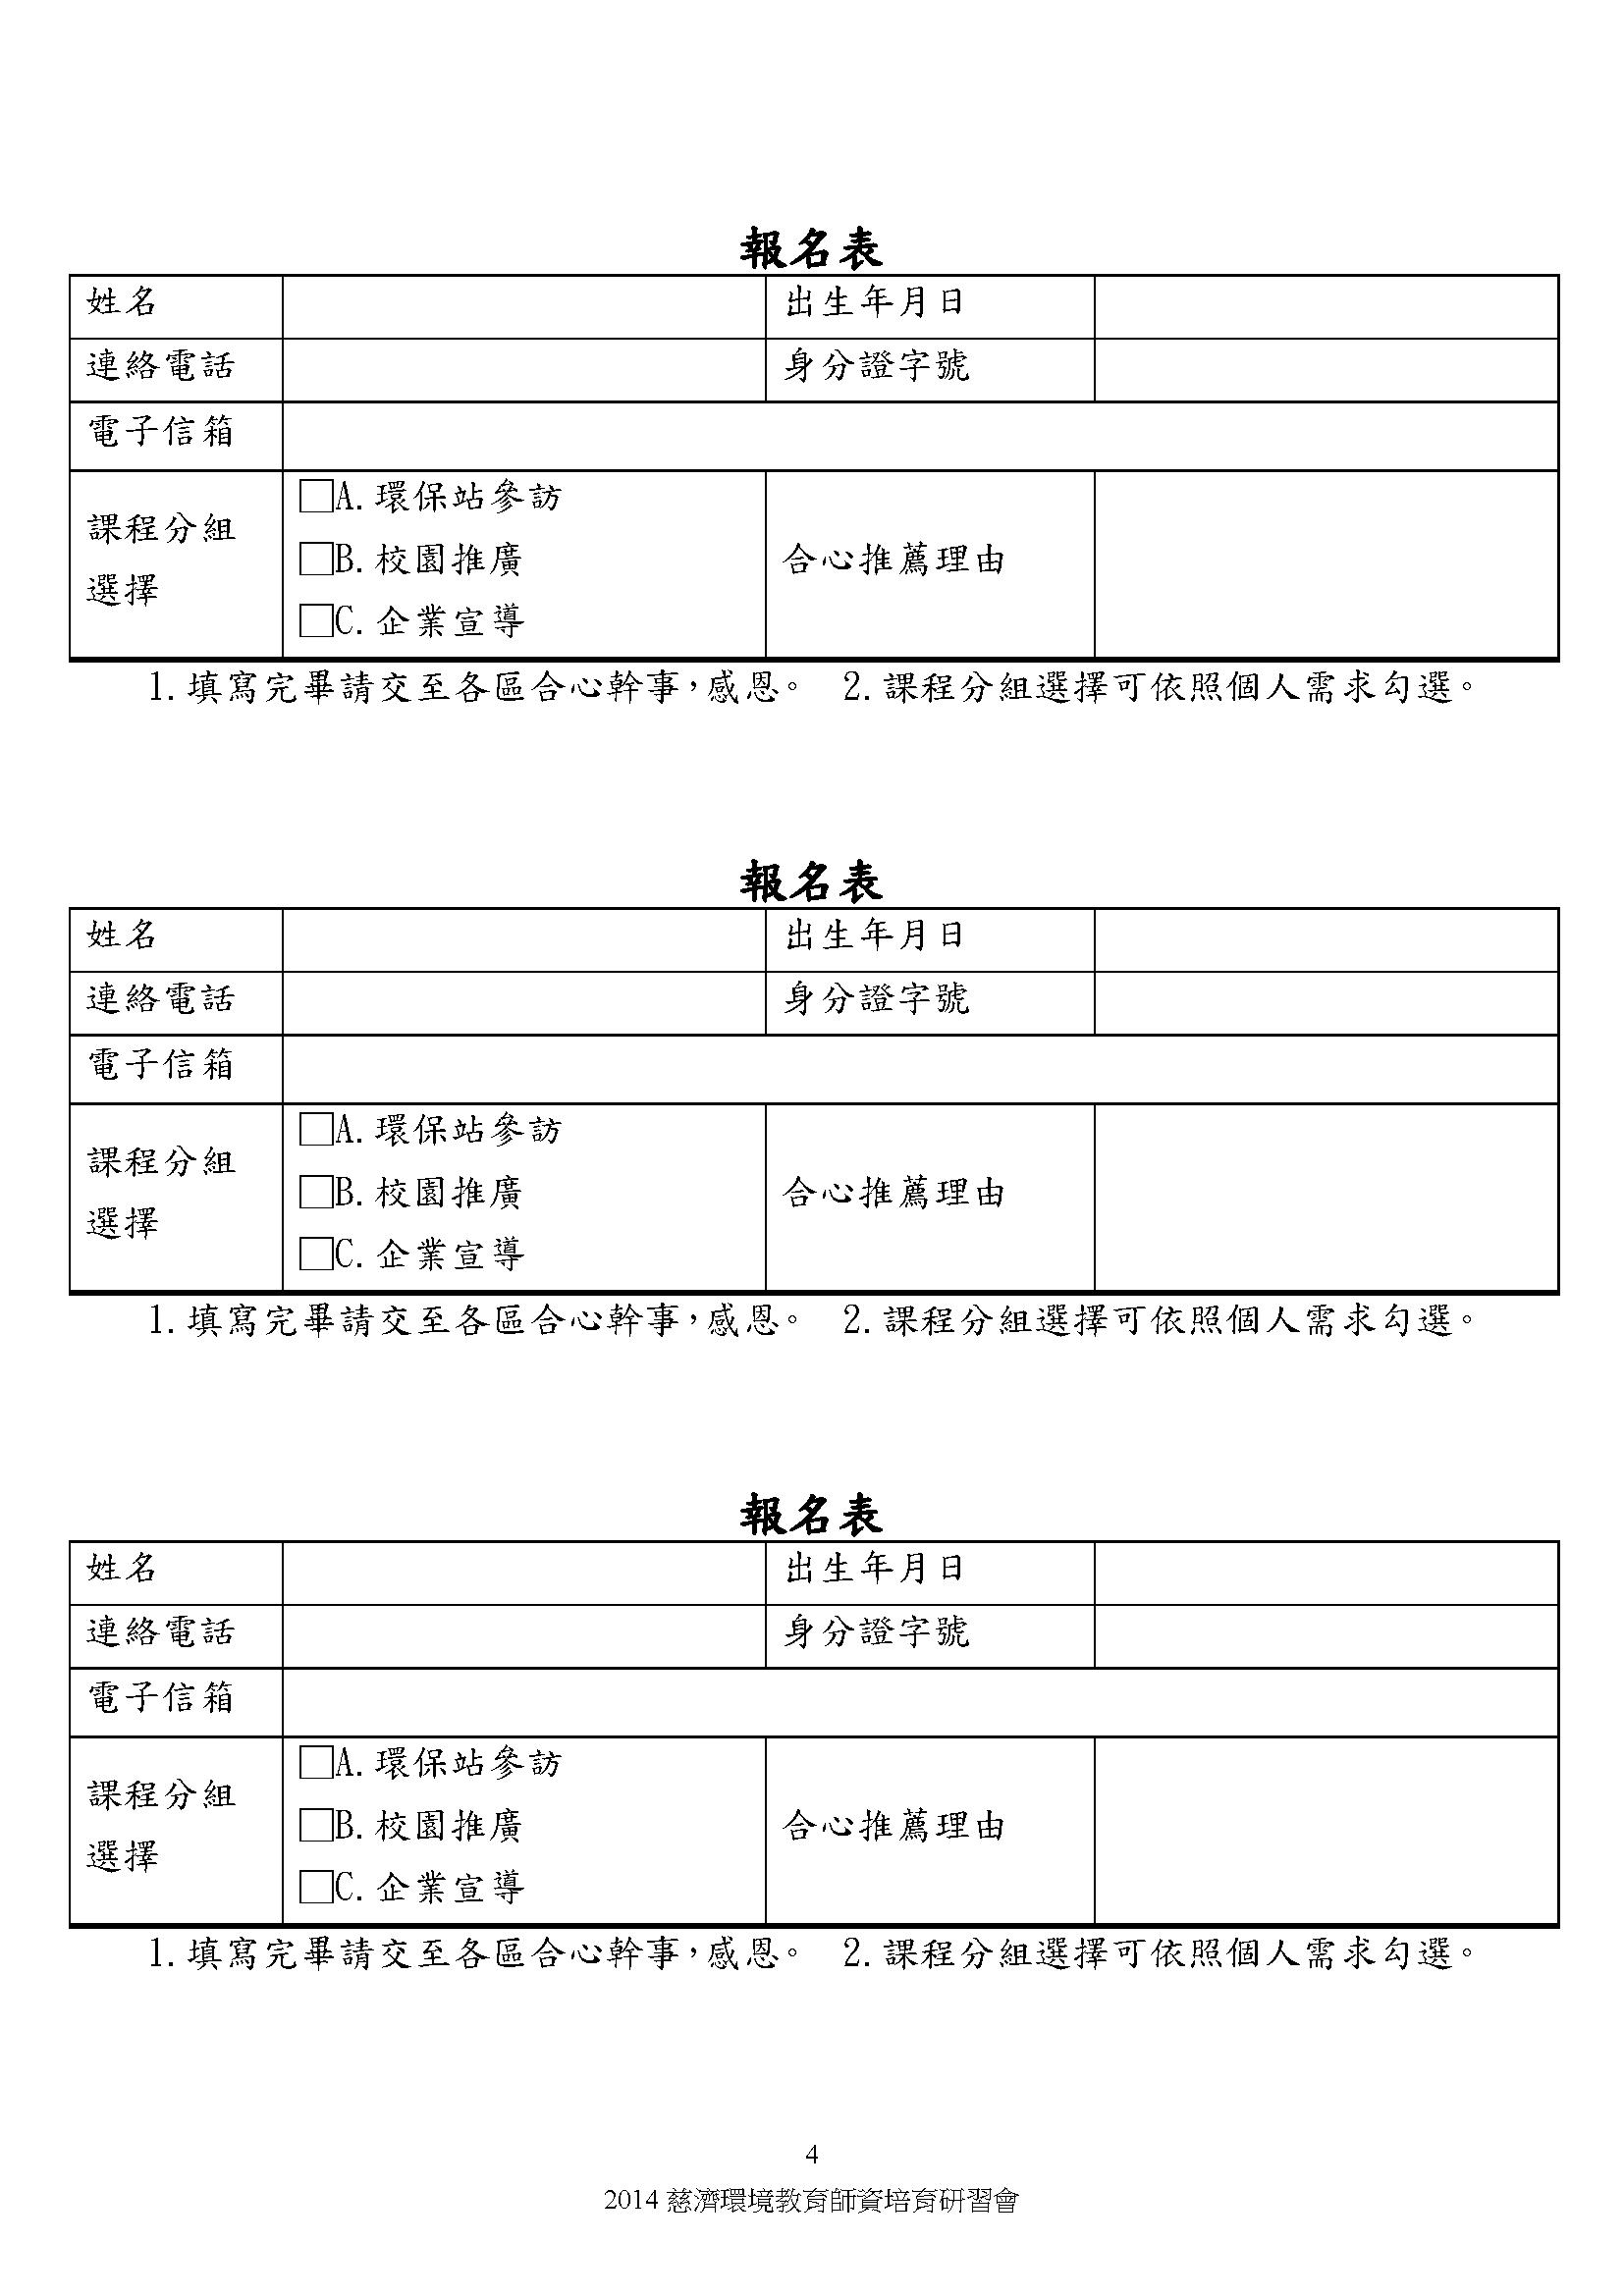 高雄附件1-2014年慈濟環境教育師資進階研習會(第一期)簡章報名表_頁面_4.png